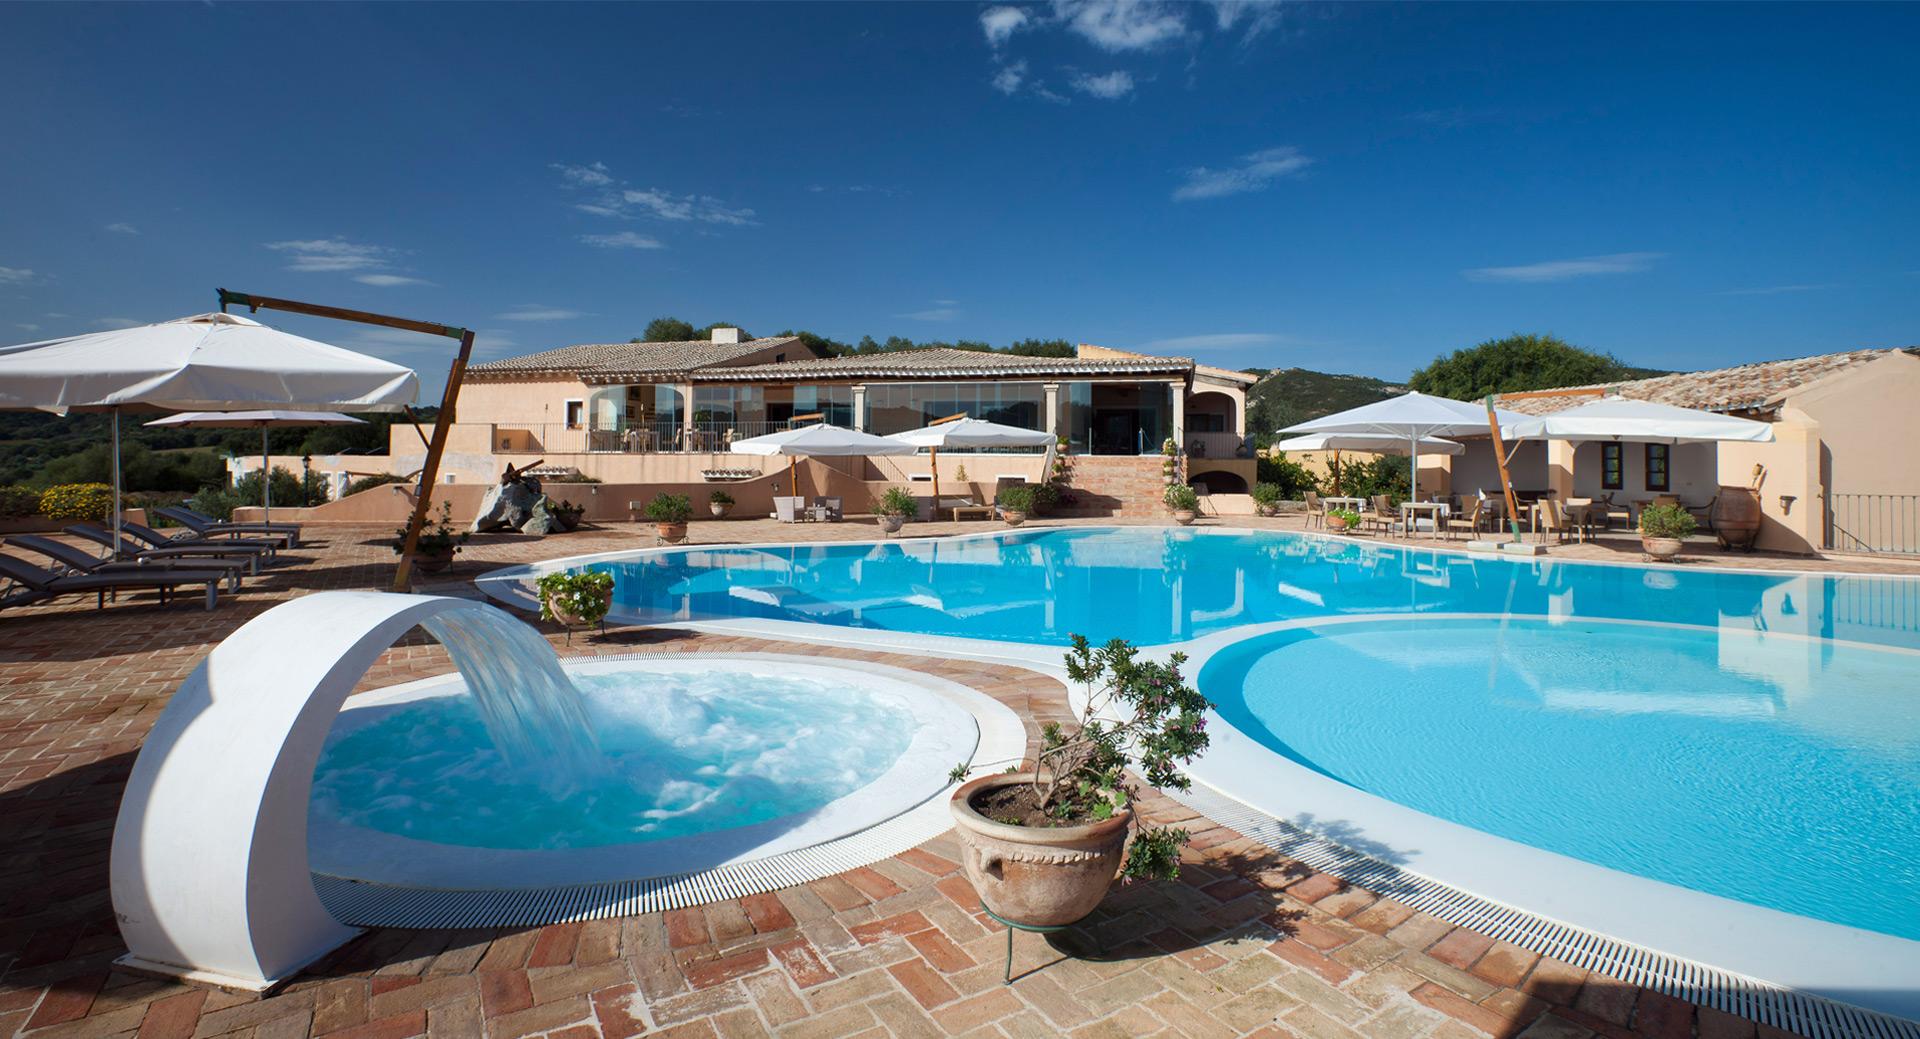 Hotel Parco degli ulivi vista piscina